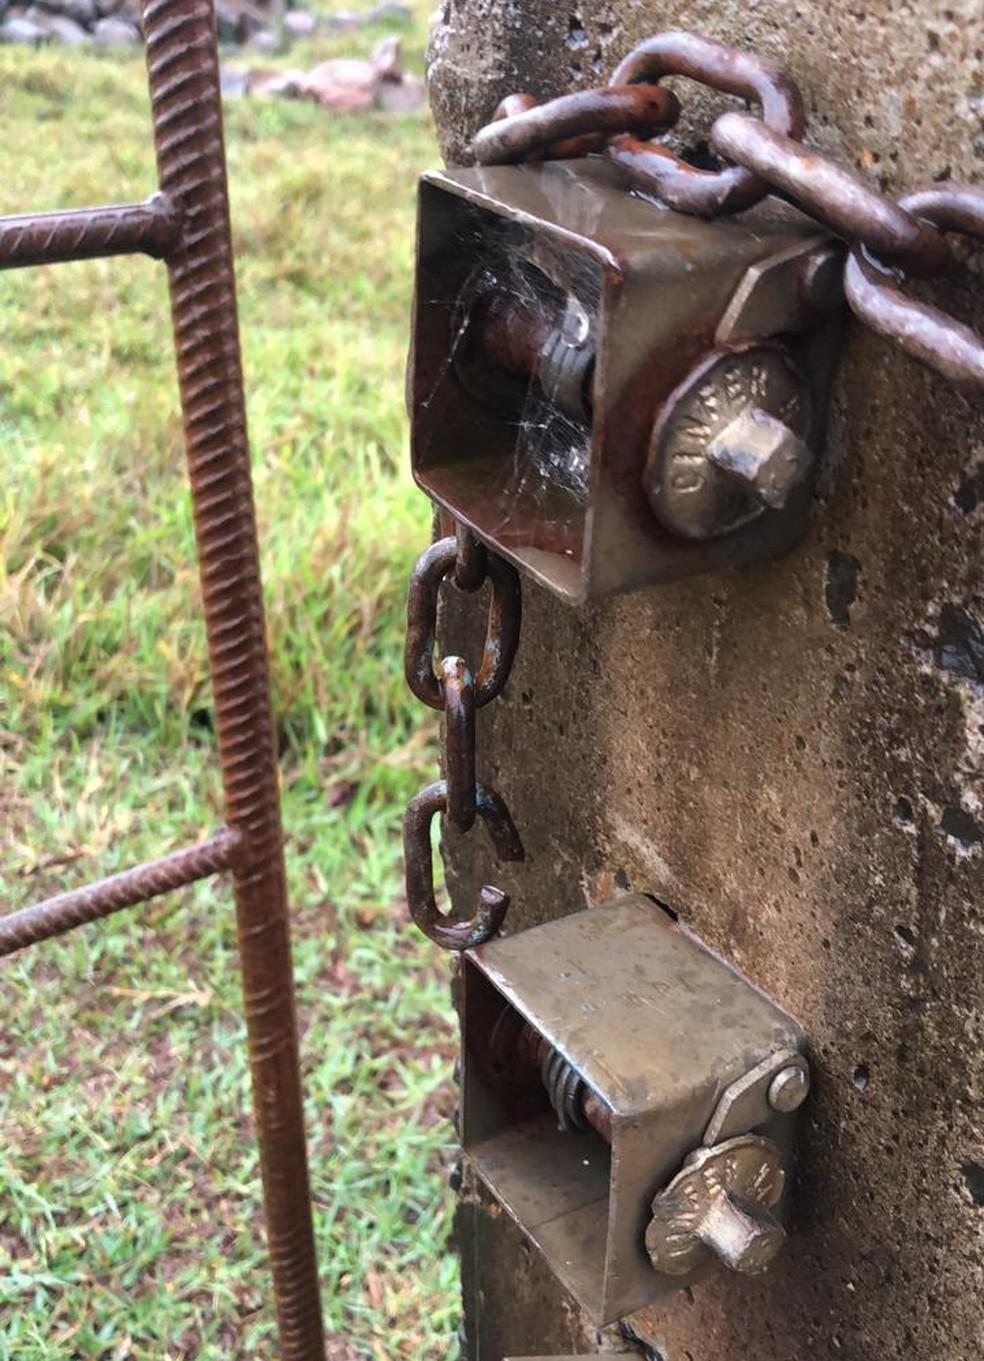 Ladrões cortaram correntes que fechavam porteiras e a mangueira onde ficavam os animais furtados — Foto: Arquivo pessoal